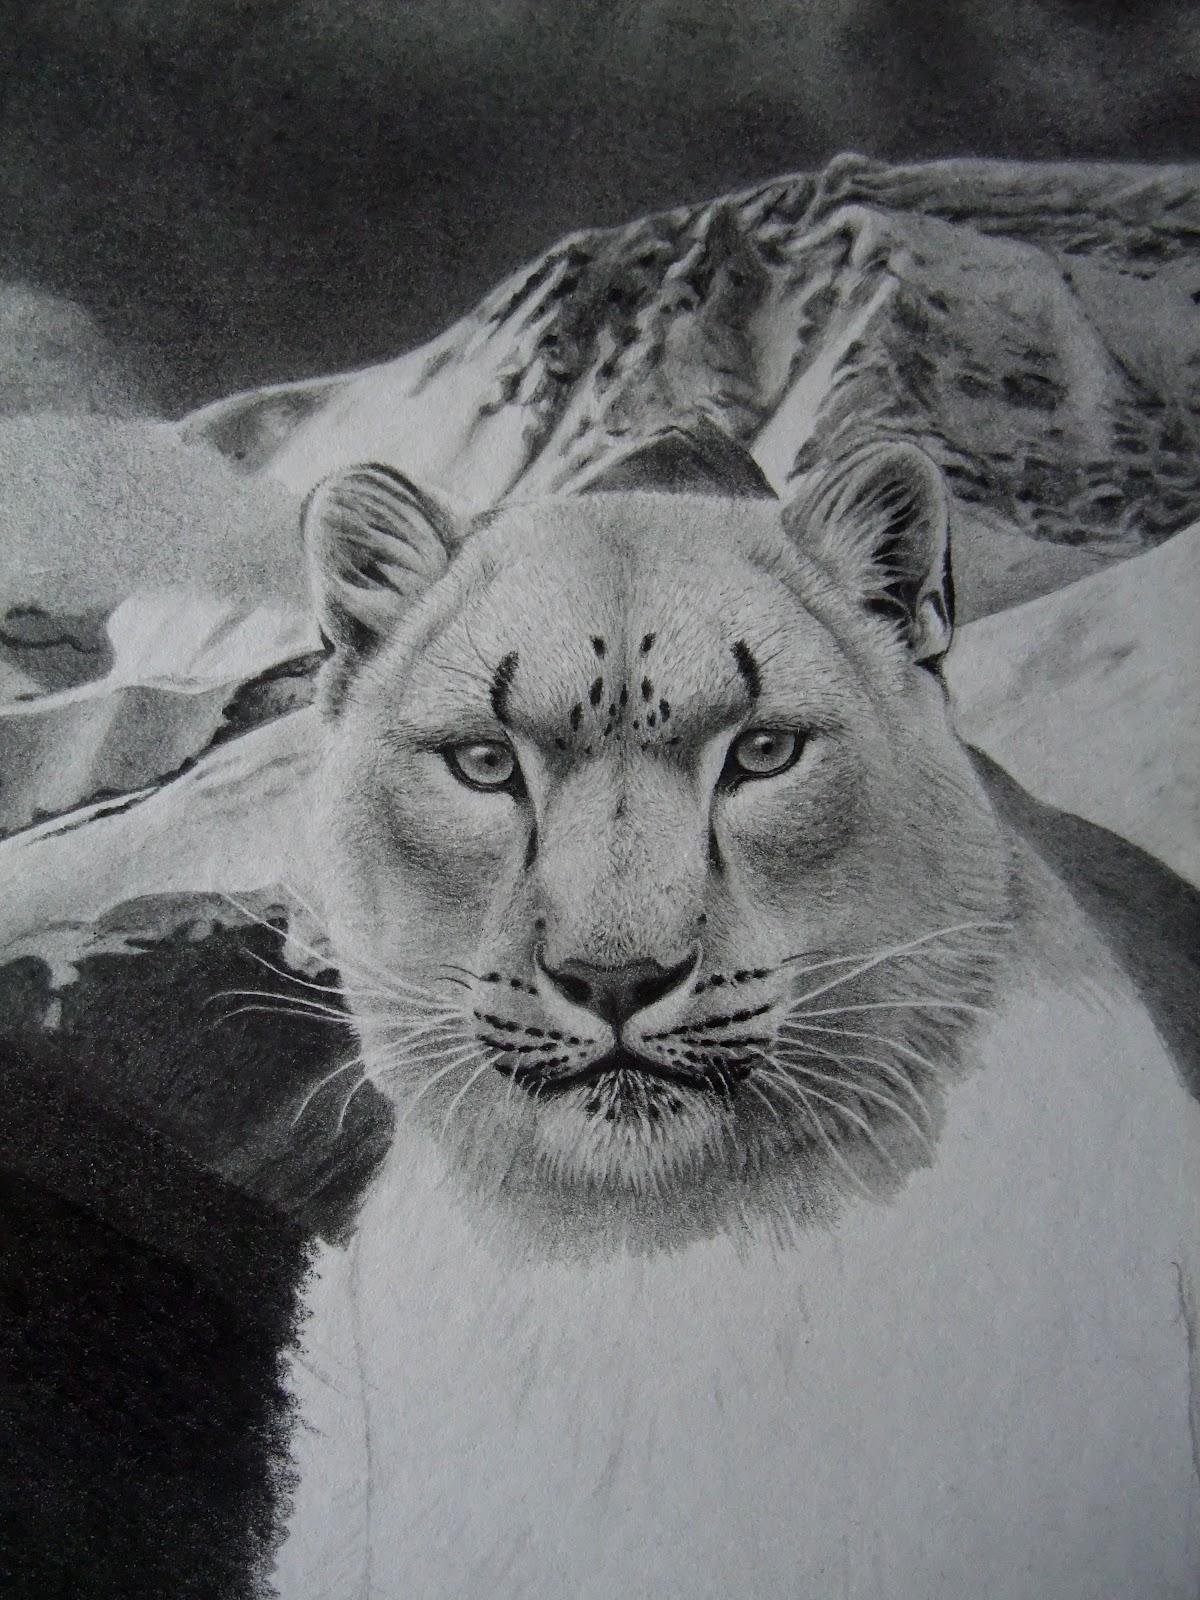 Antoine Roquain Dessin Animalier, Wildlife Pencil Art: Panthère des neiges suite